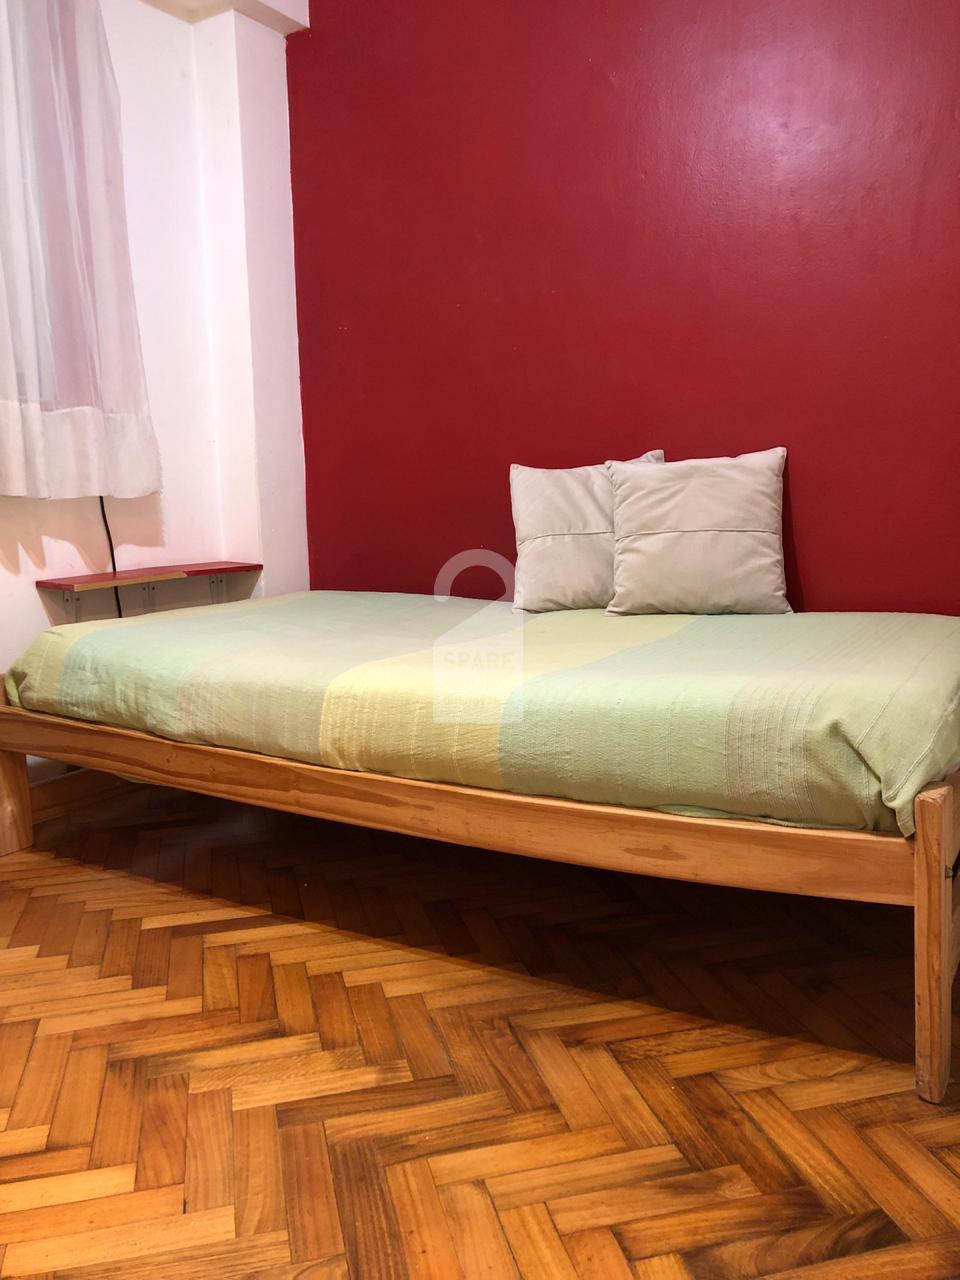 The bedroom at the apartment in Villa Crespo